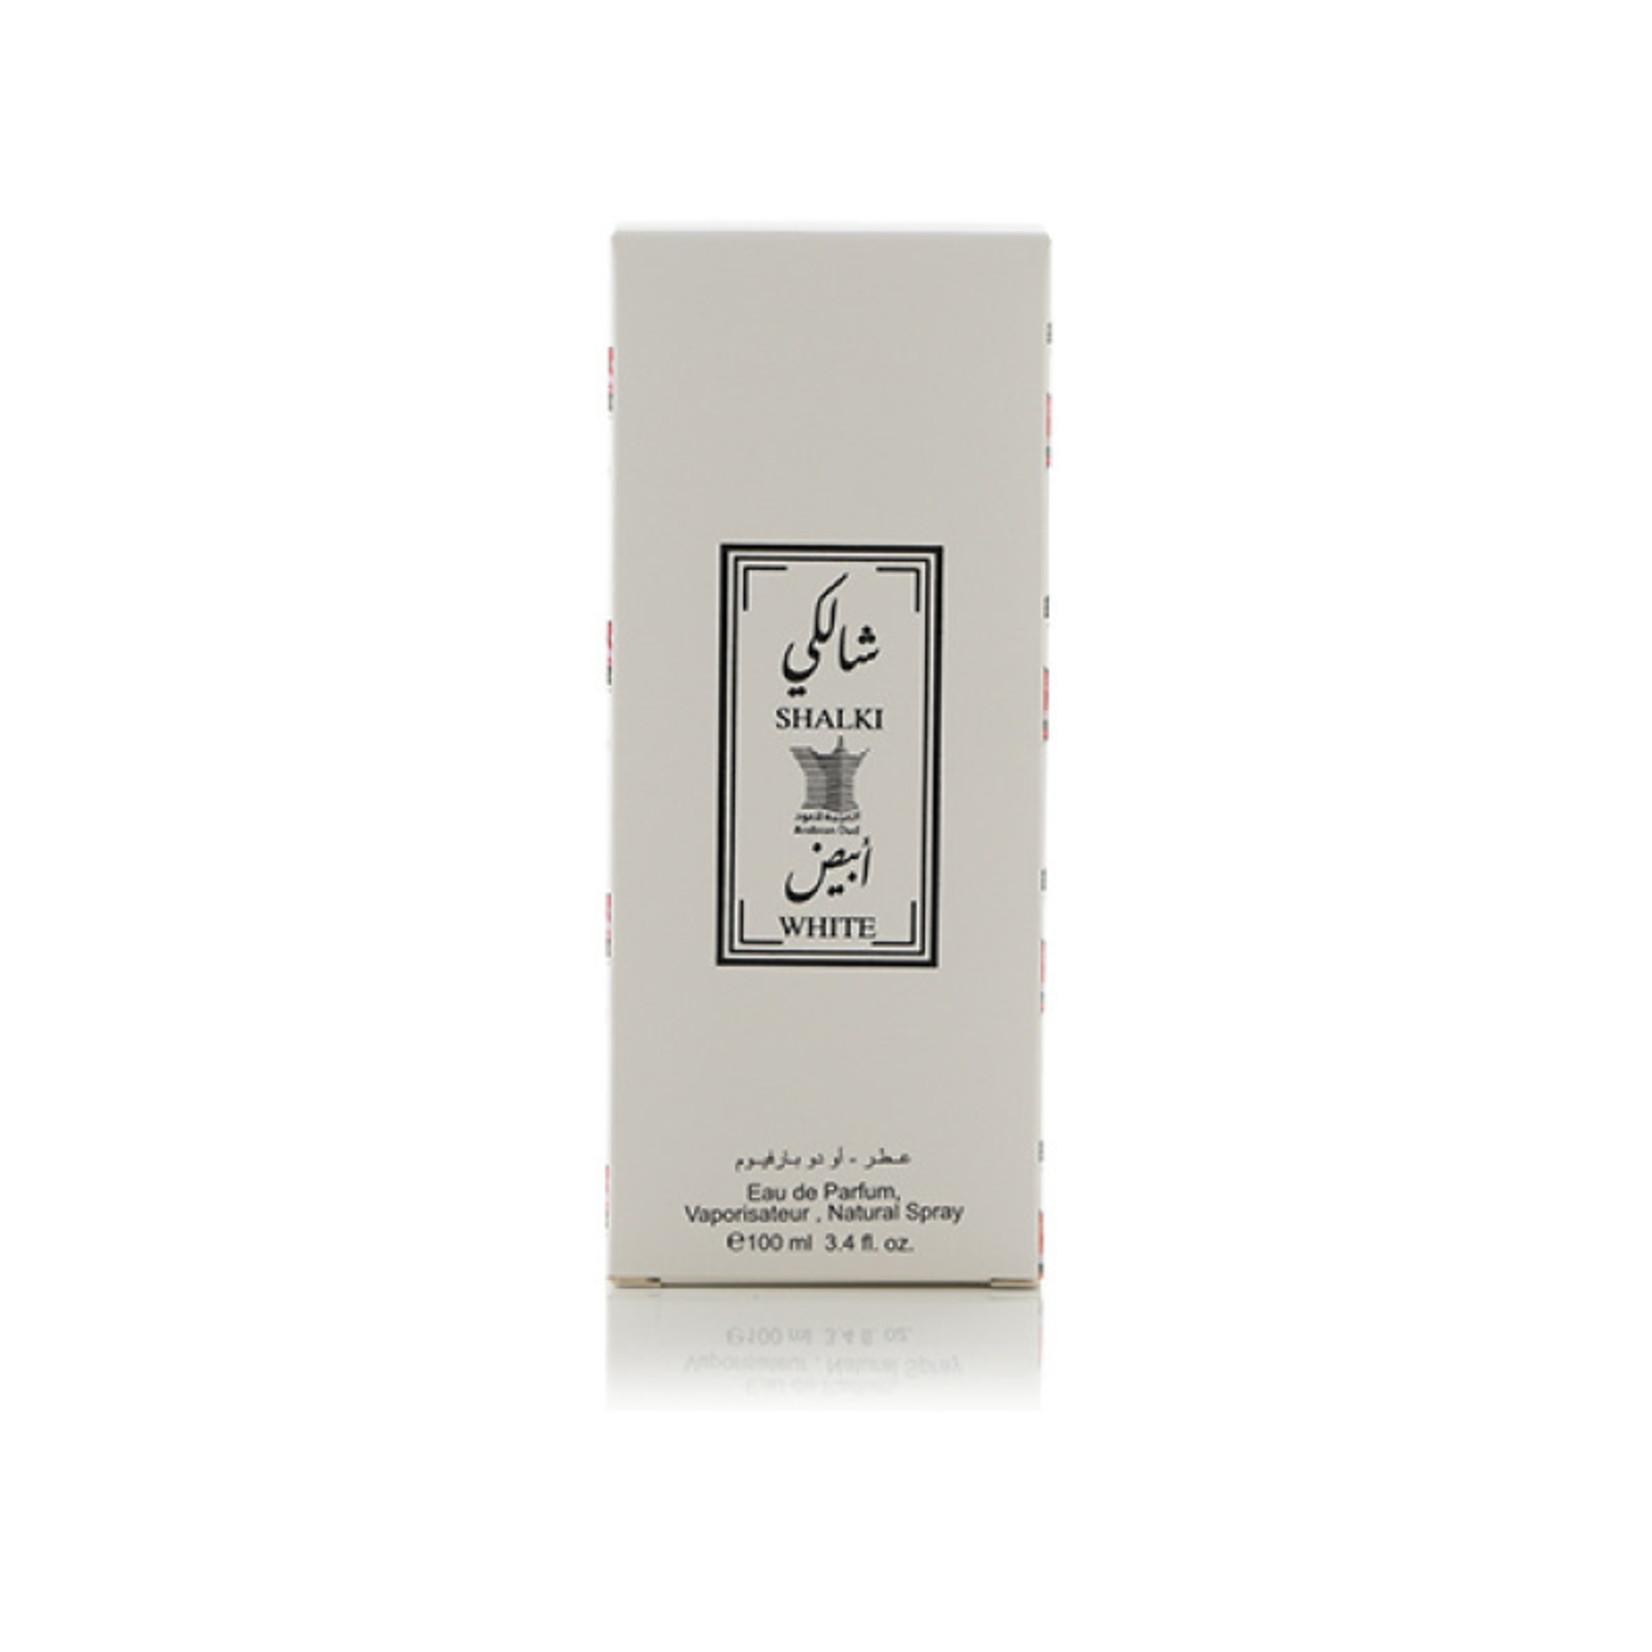 Shalki White - 100ML Eau de Parfum